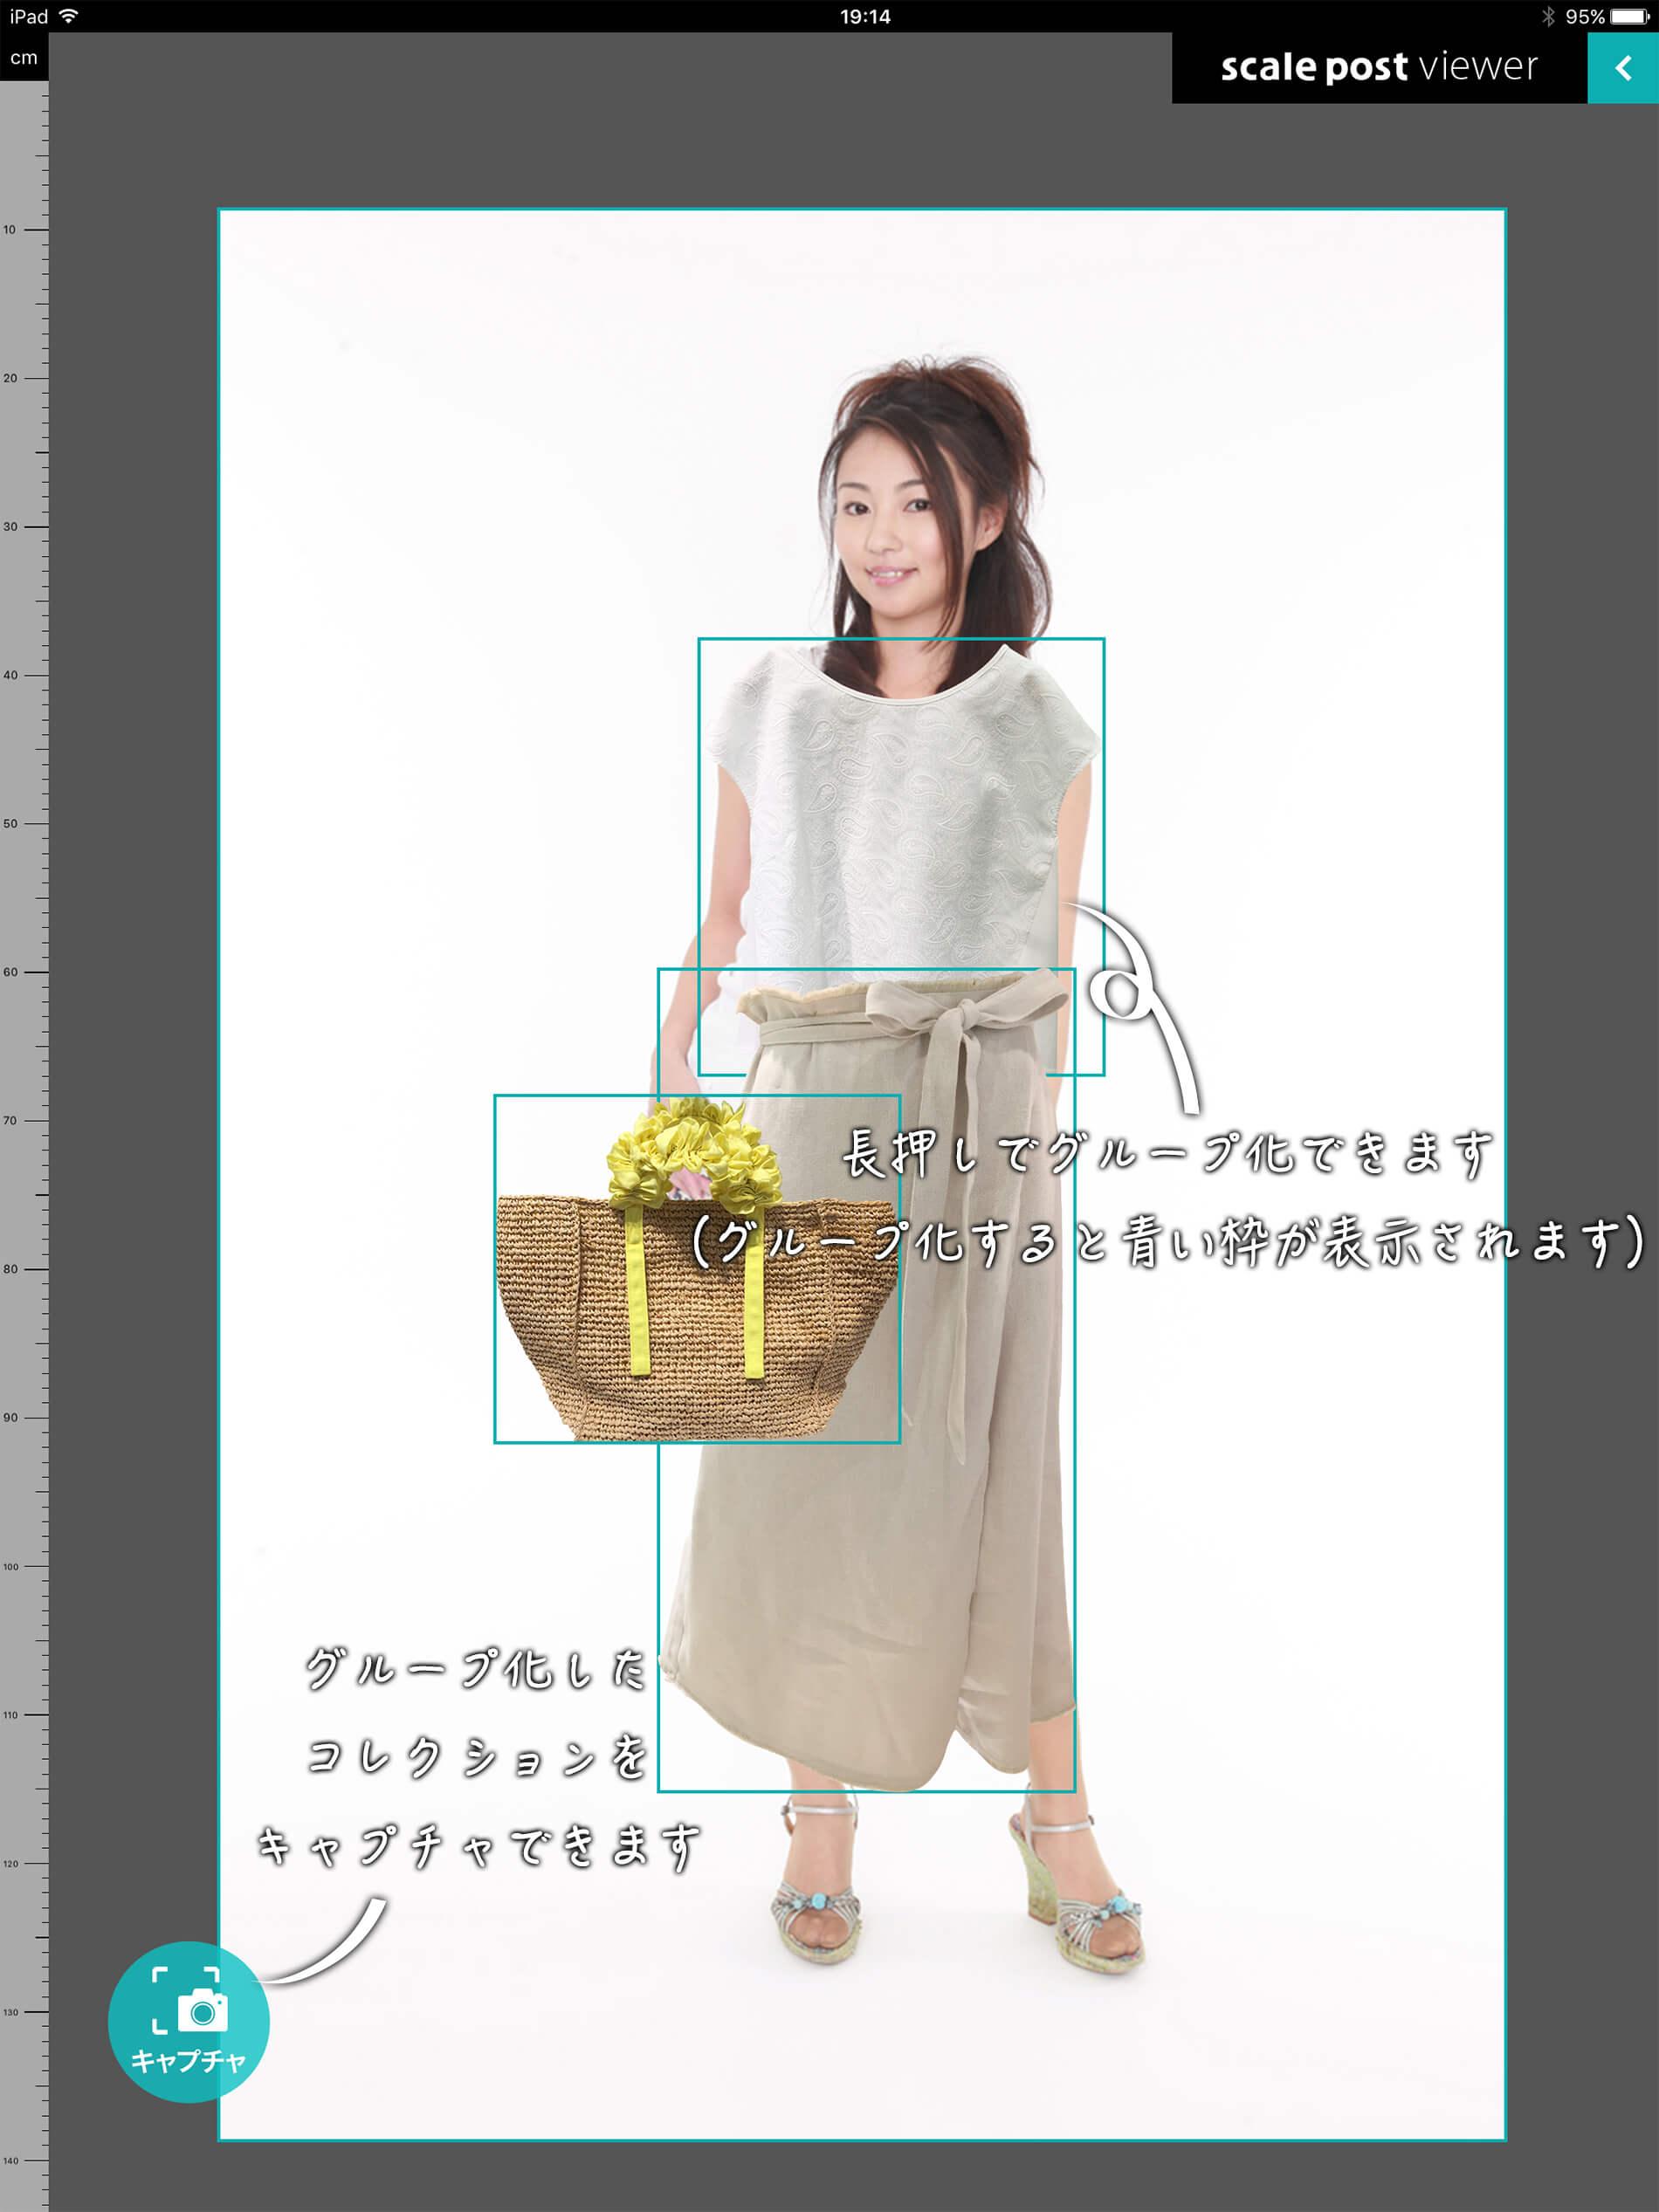 コレクション表示 / グループ化